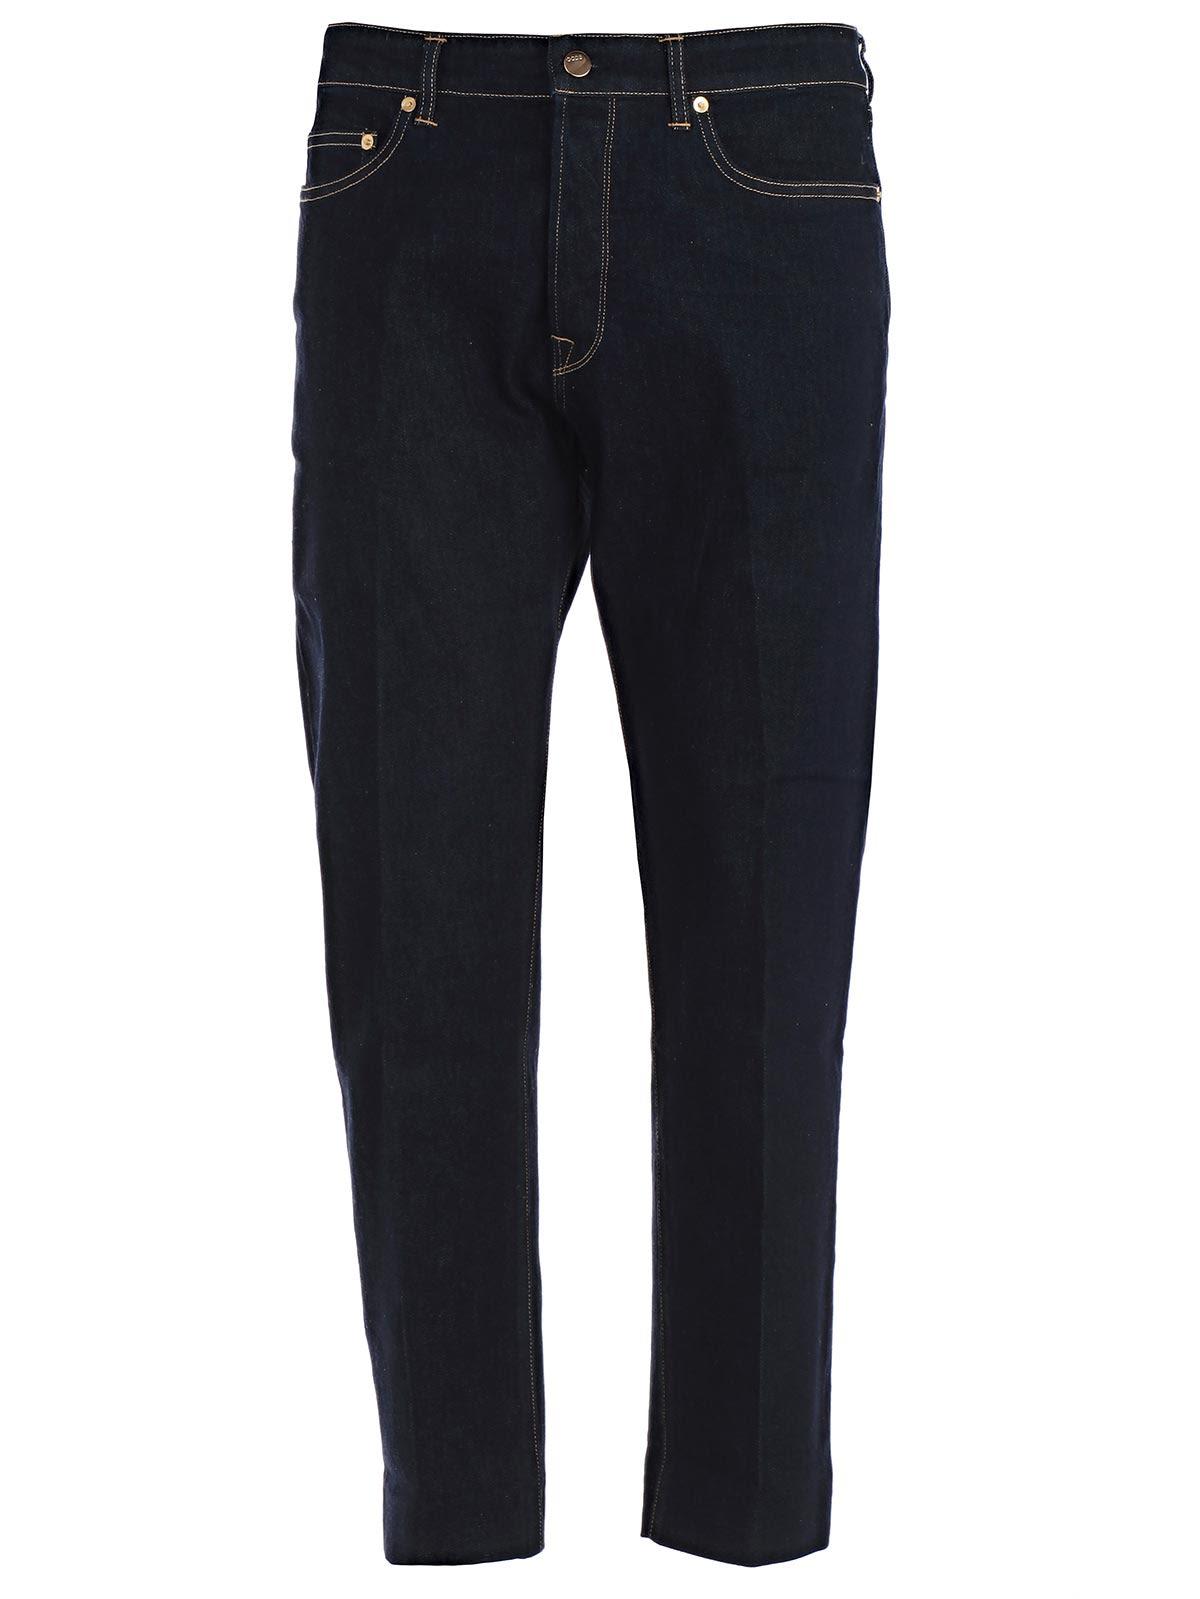 Golden Goose Deluxe Brand Lit Straight Crop Jeans